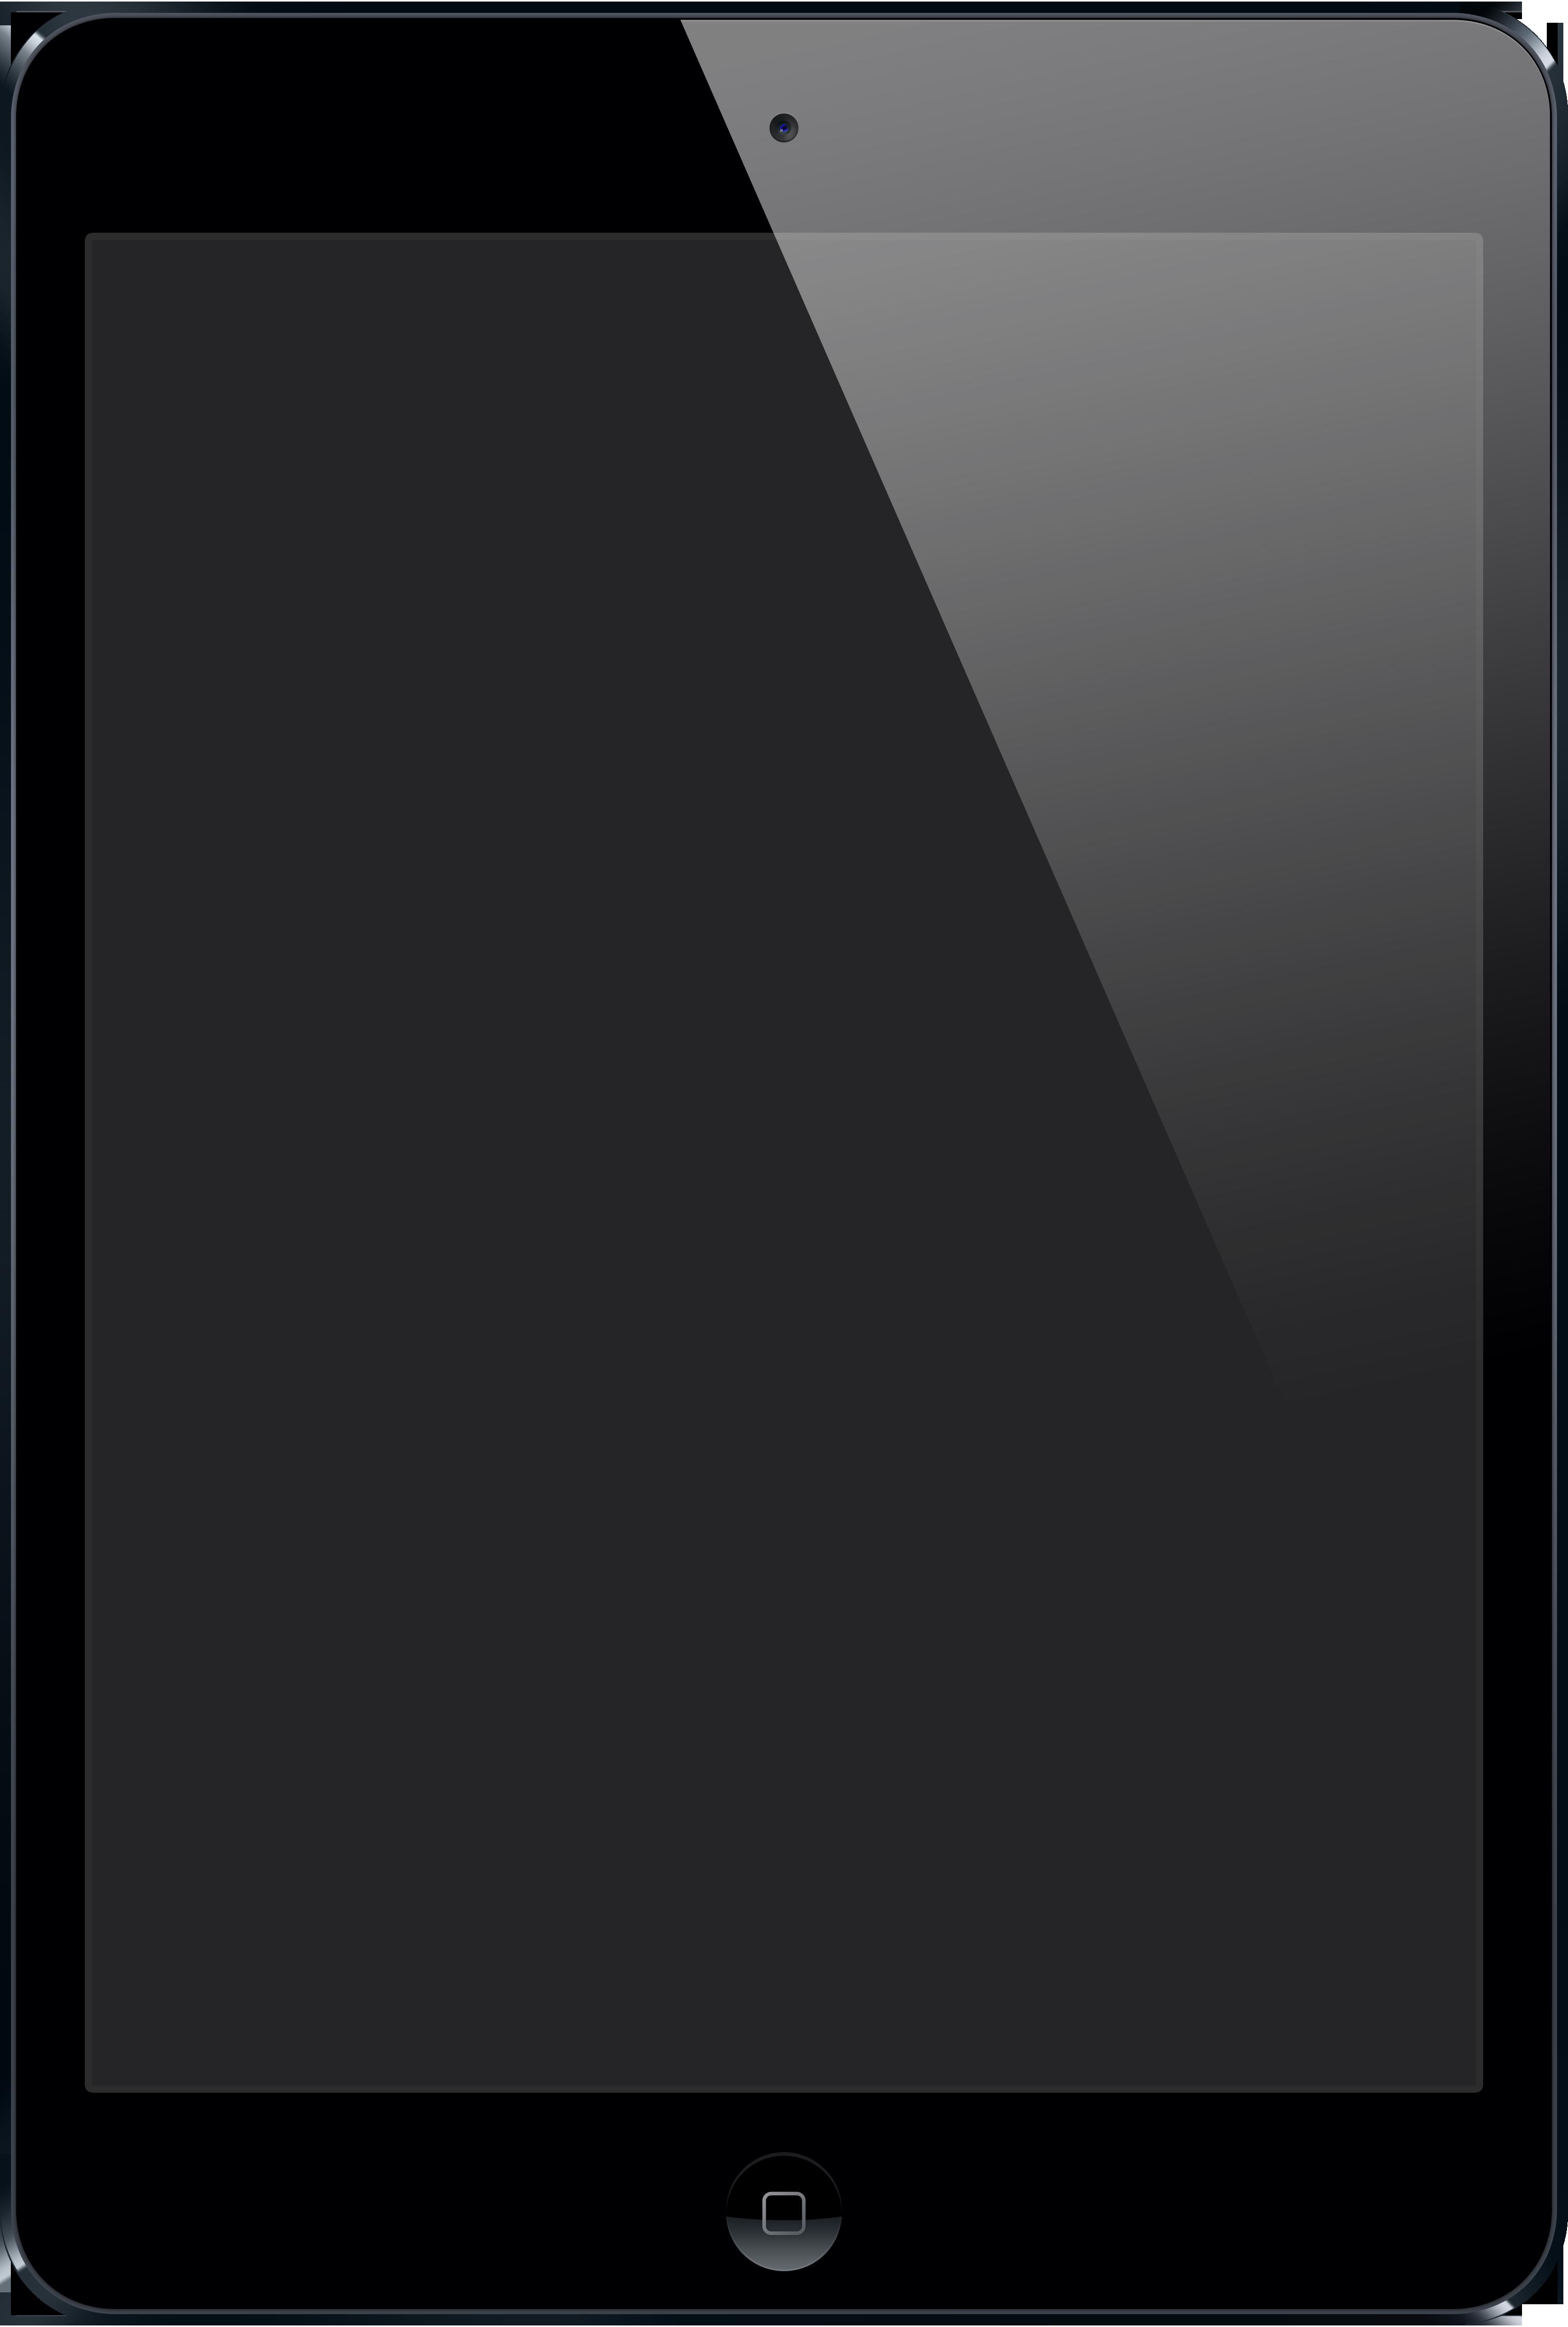 iPad Mini (1st generation).